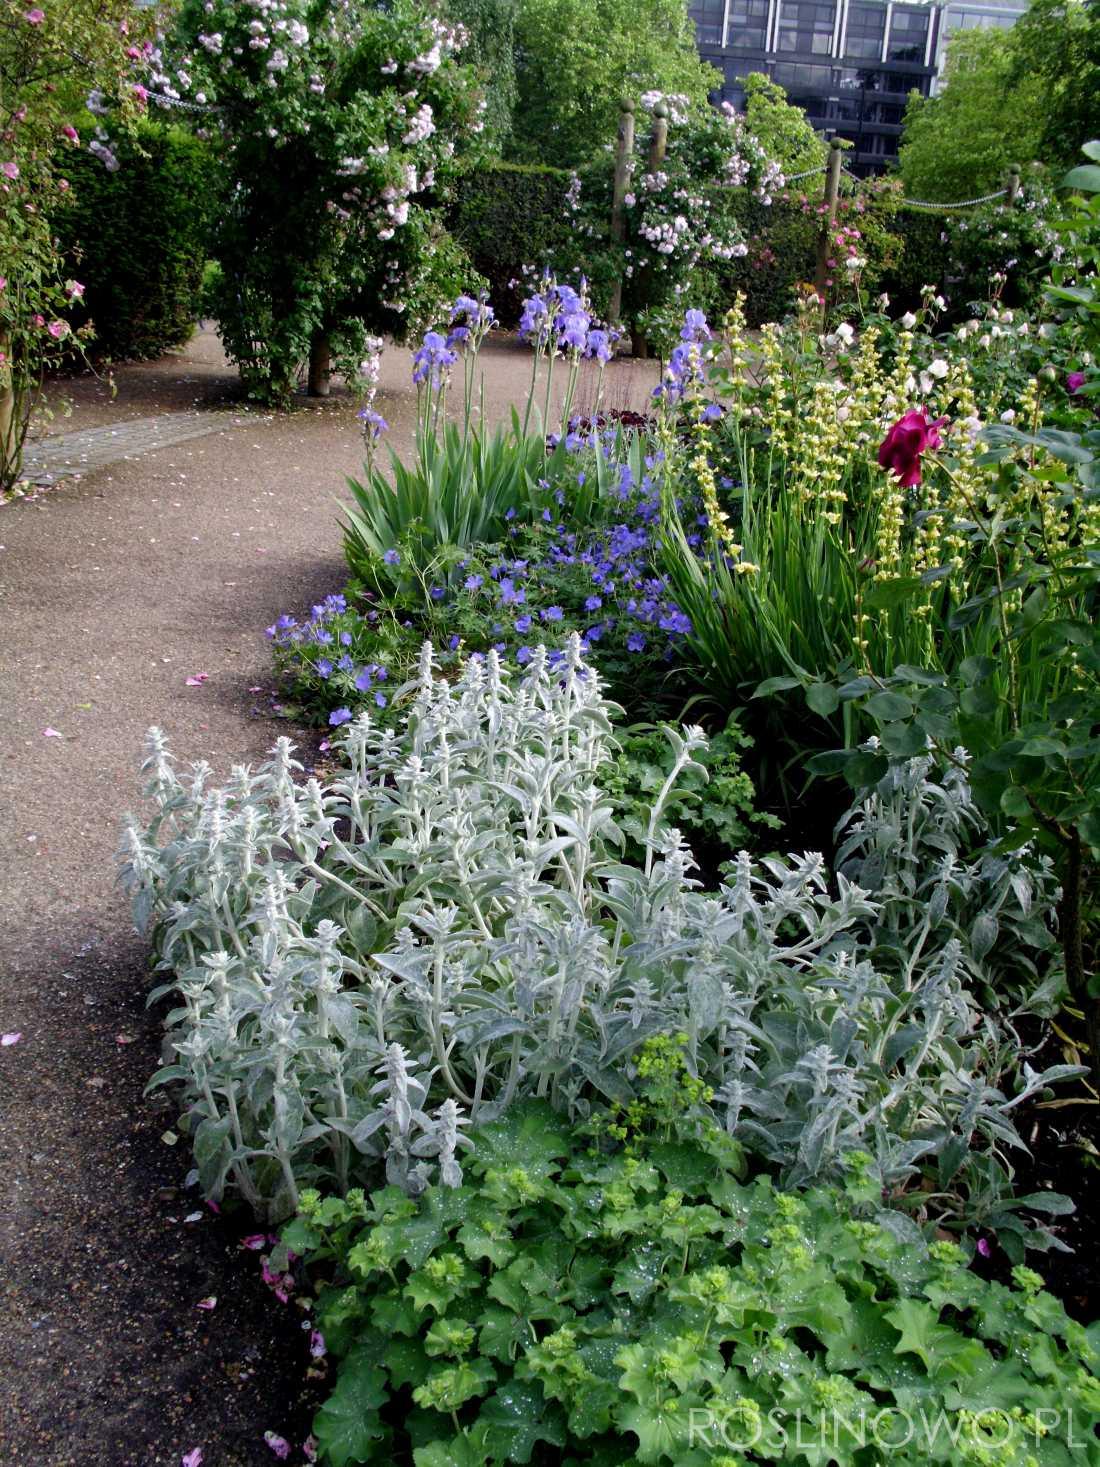 czyściec wełnisty silver carpet - bylina o miododajnych różowo-fioletowych kwiatach i małych wymaganiach